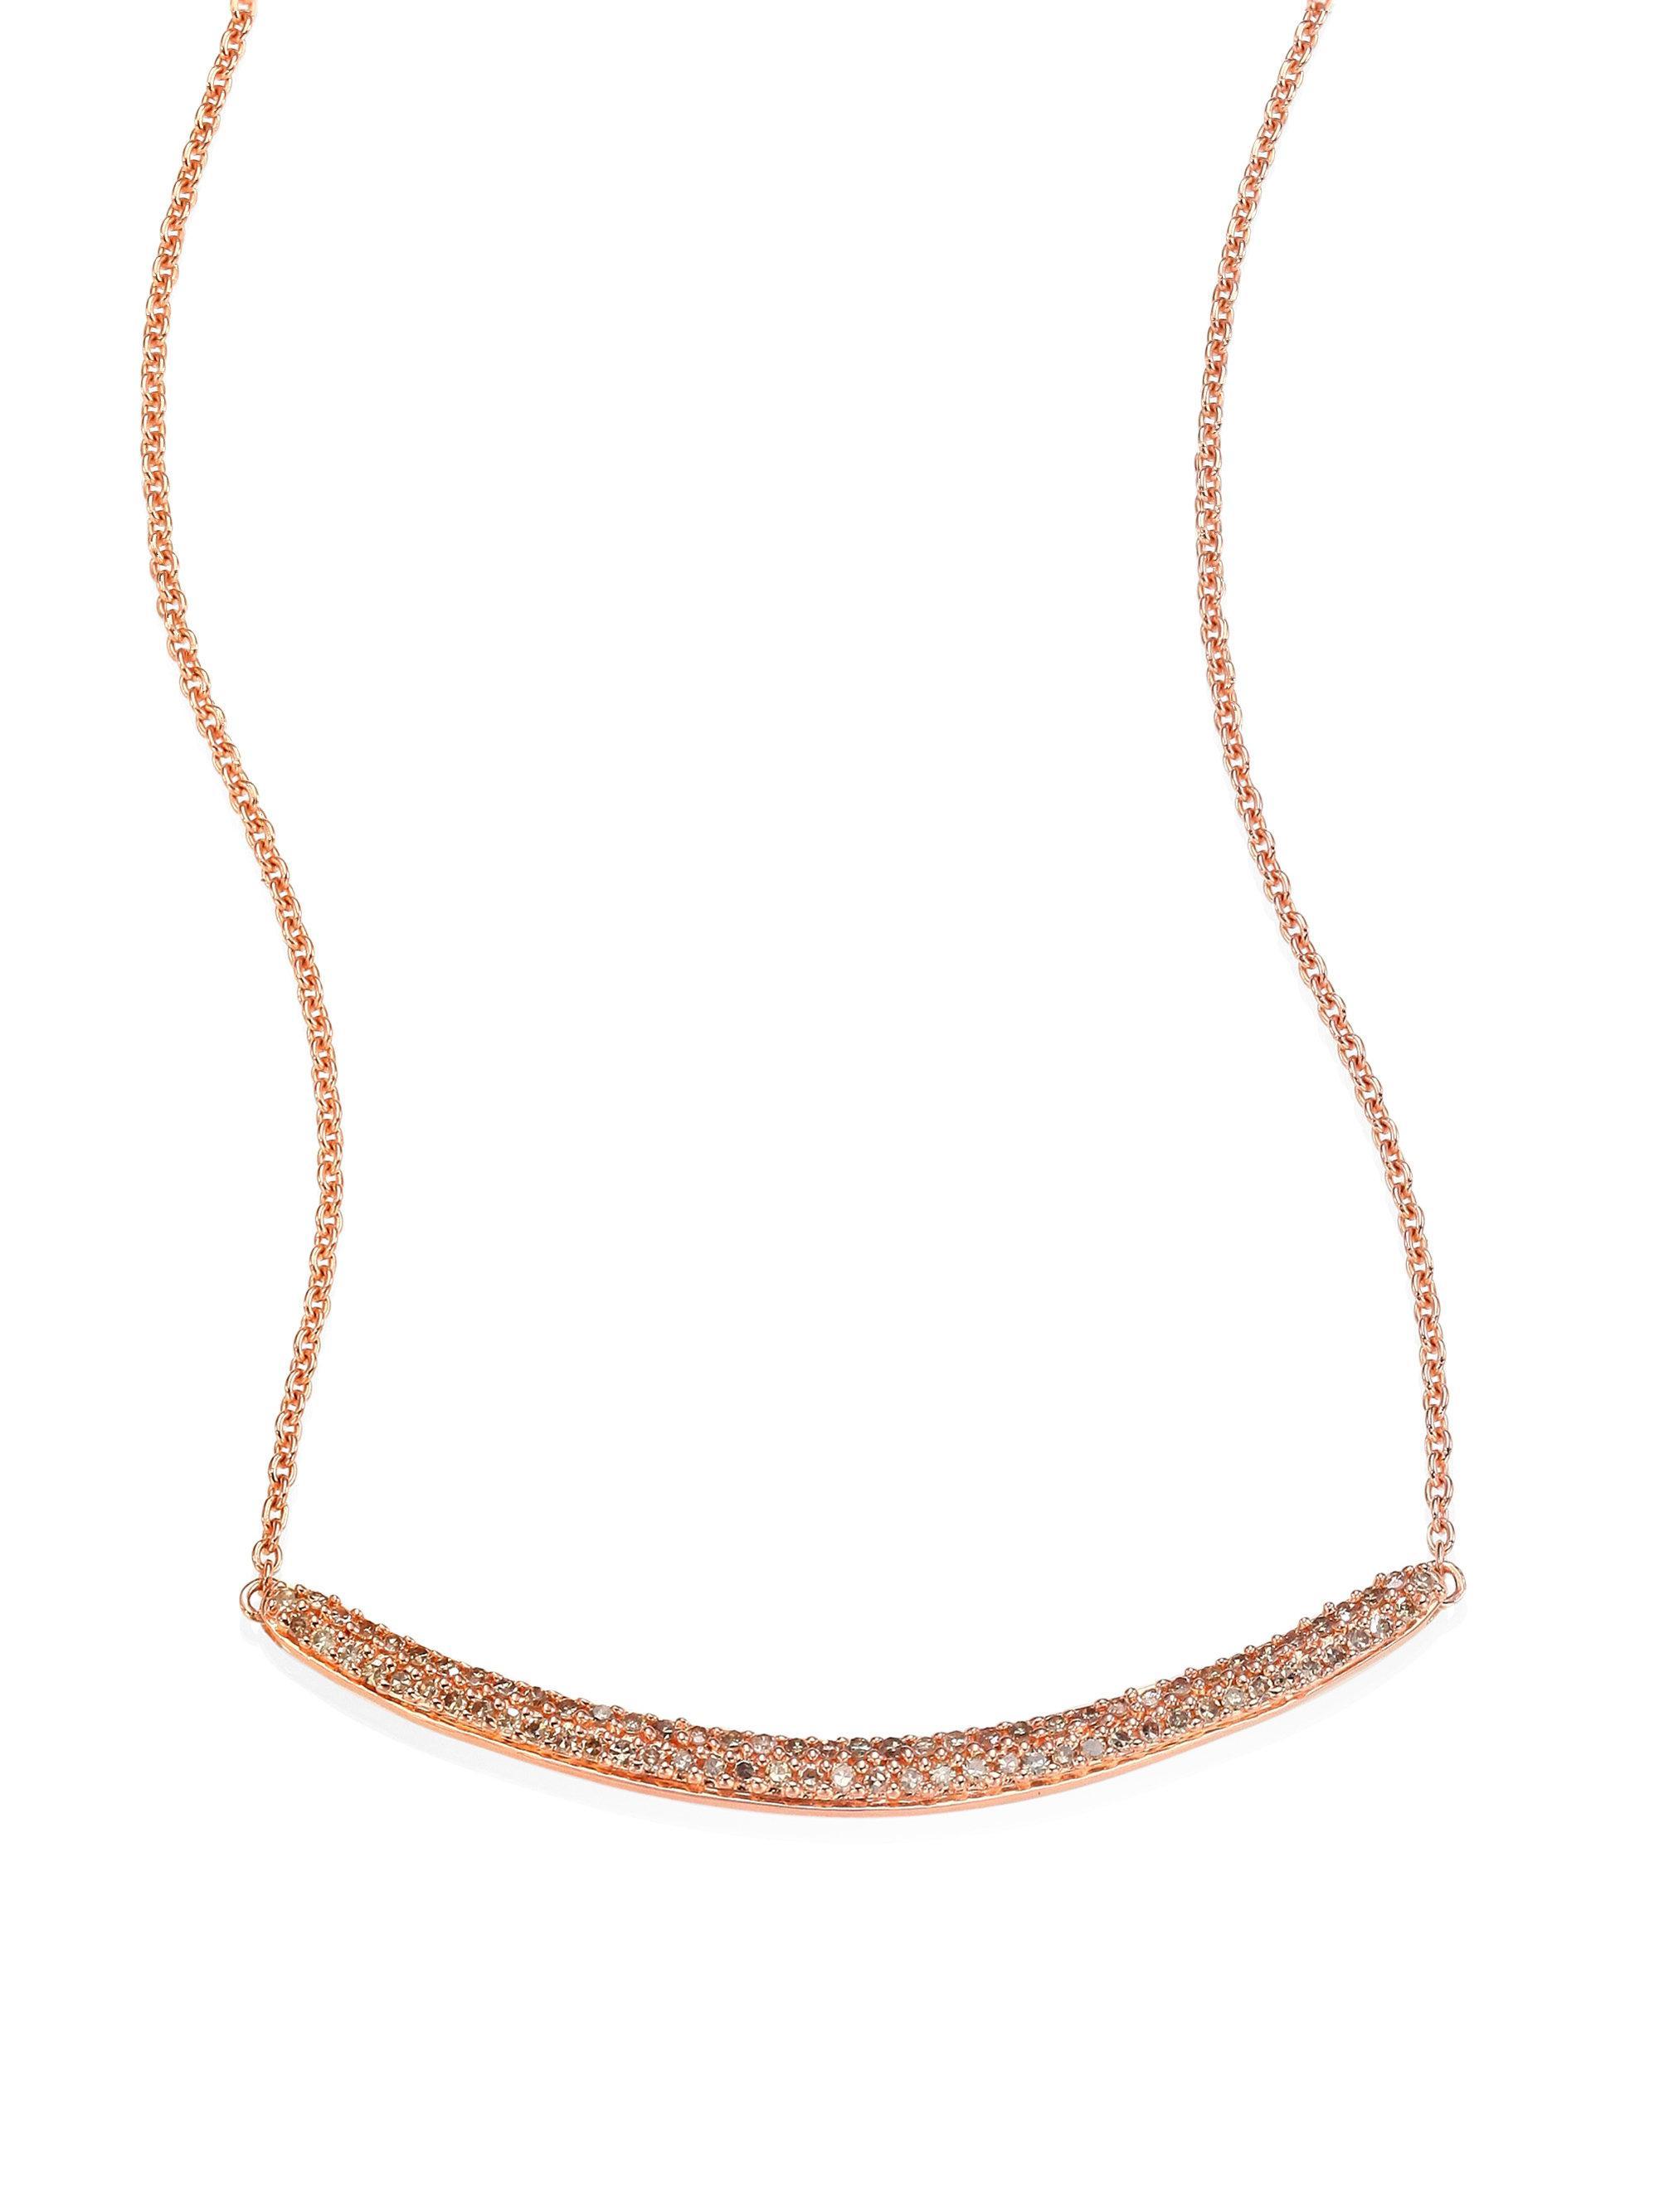 Rose Gold Skinny Curve Necklace Champagne Diamond Monica Vinader 6l7ZRTjOR